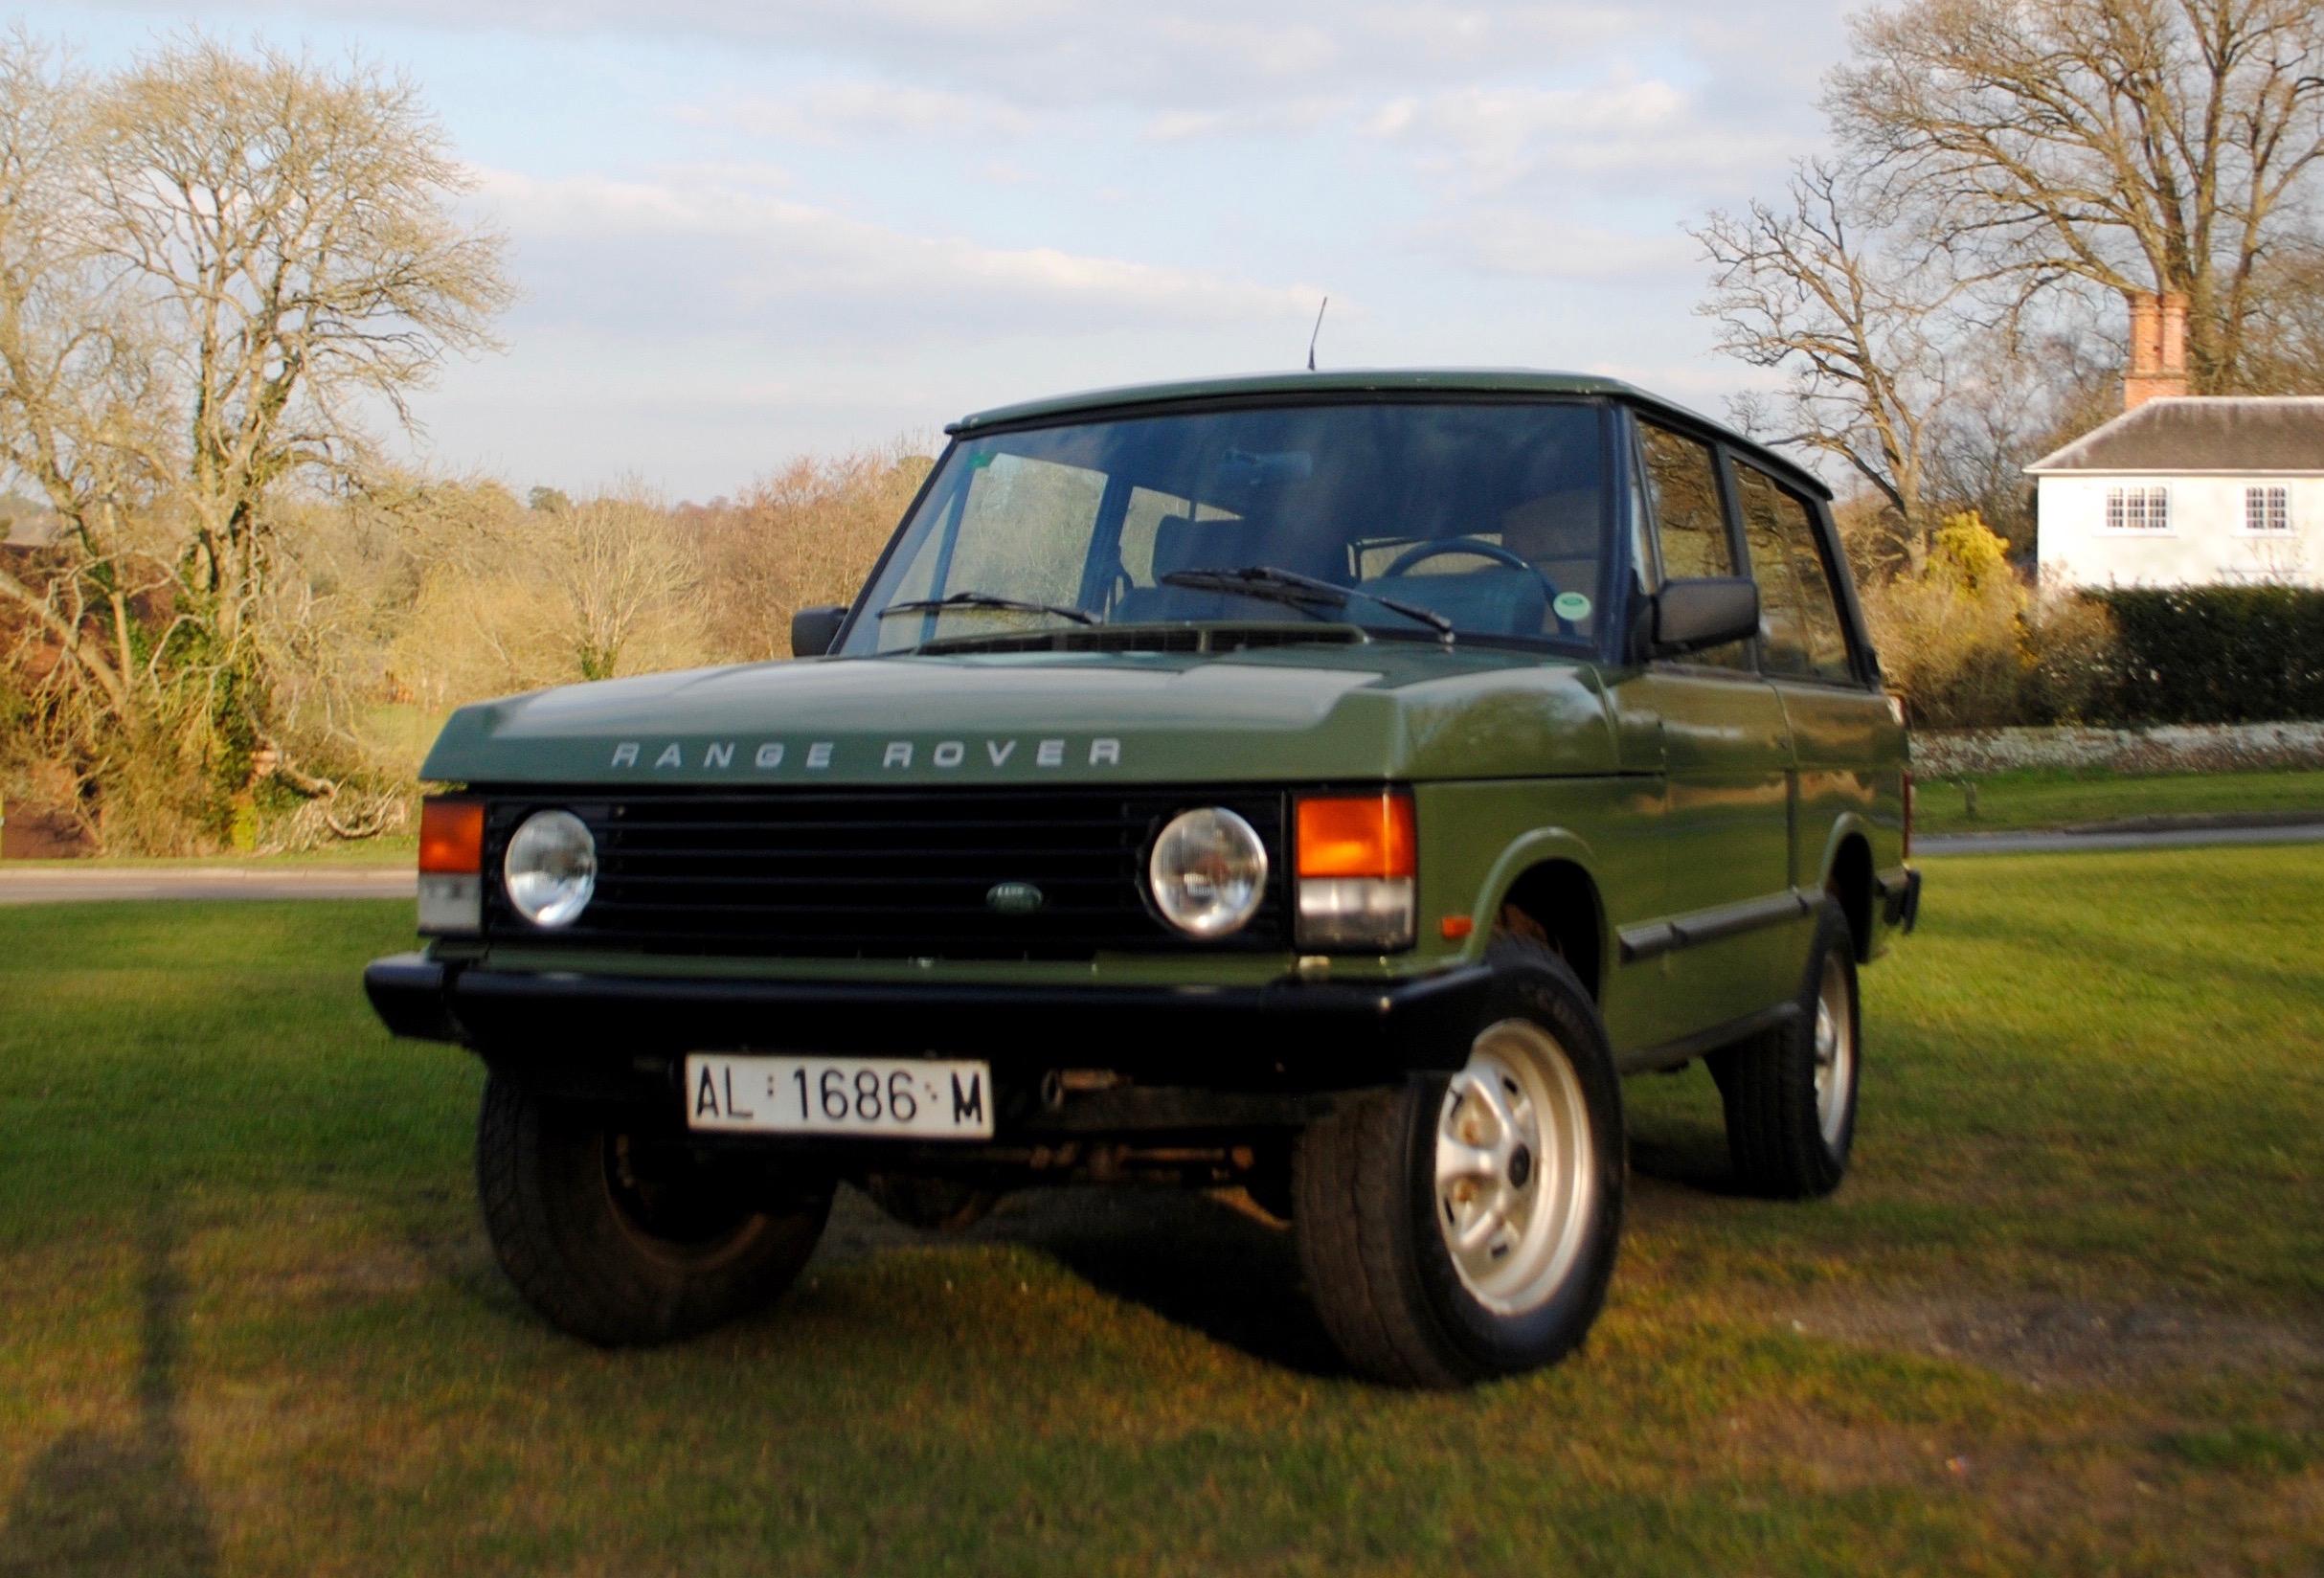 Range Rover 2 Door 1988 SOLD — Samuel Lloyd & Co